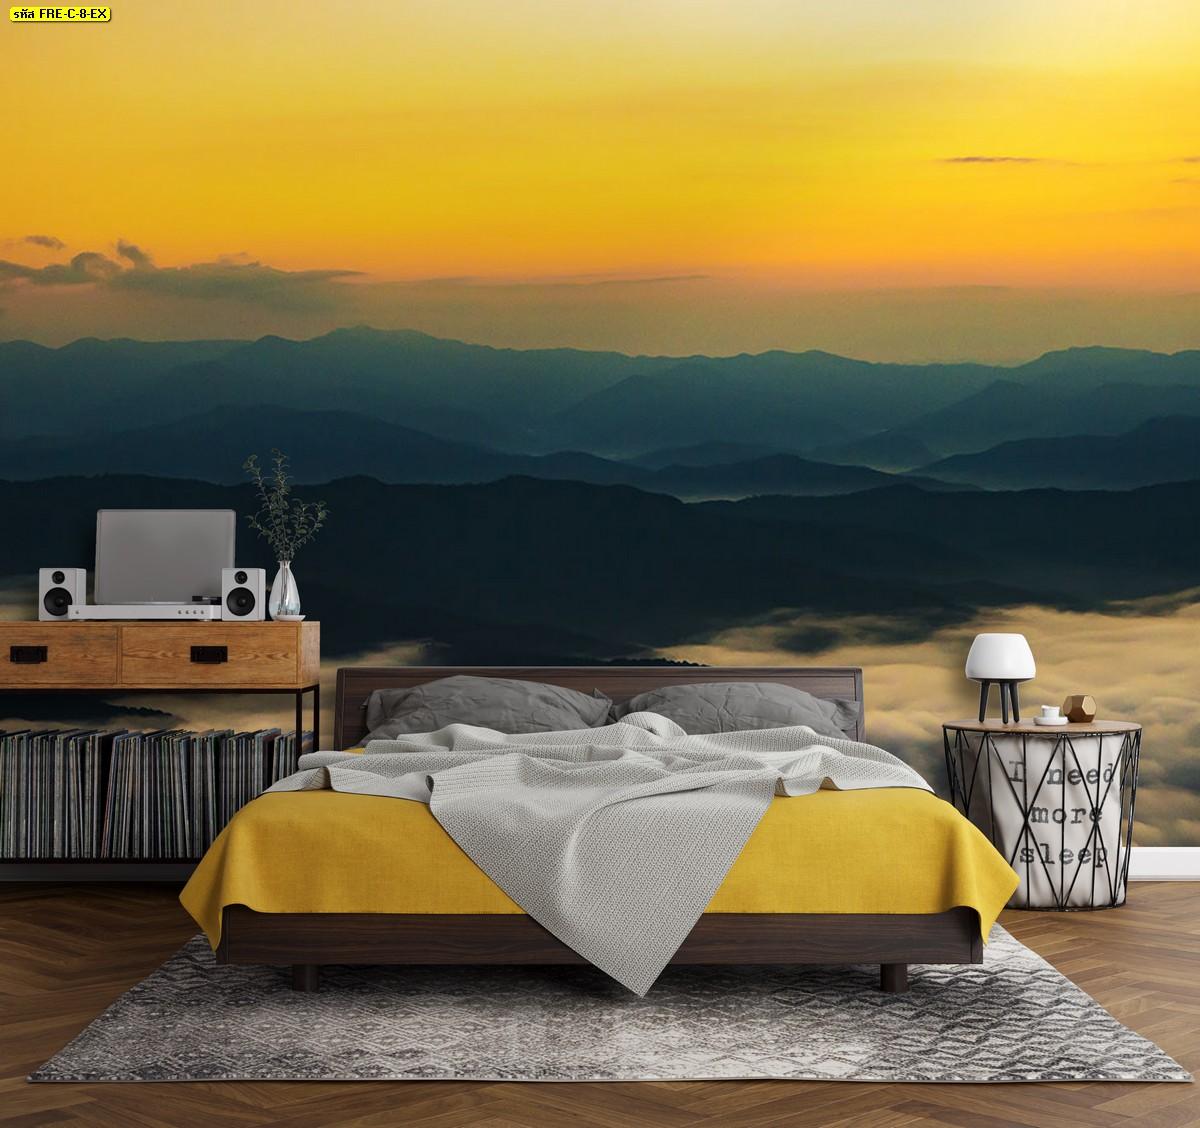 แต่งห้องนอนแบบภาพวิวธรรมชาติภูเขามีหมอกและท้องฟ้าโทนสีเหลืองทอง